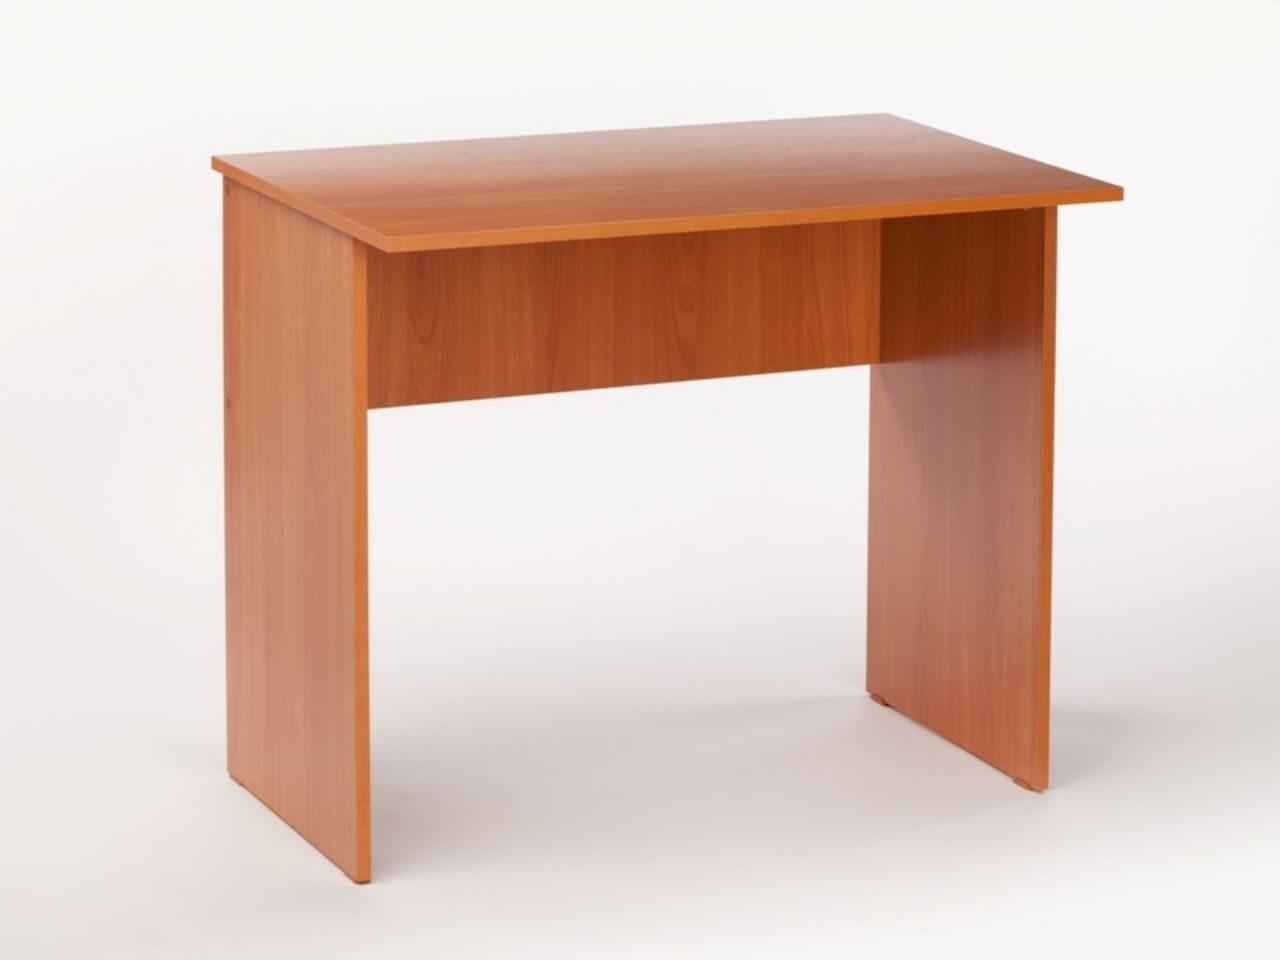 Сделать письменный стол своими руками из дсп для школьника